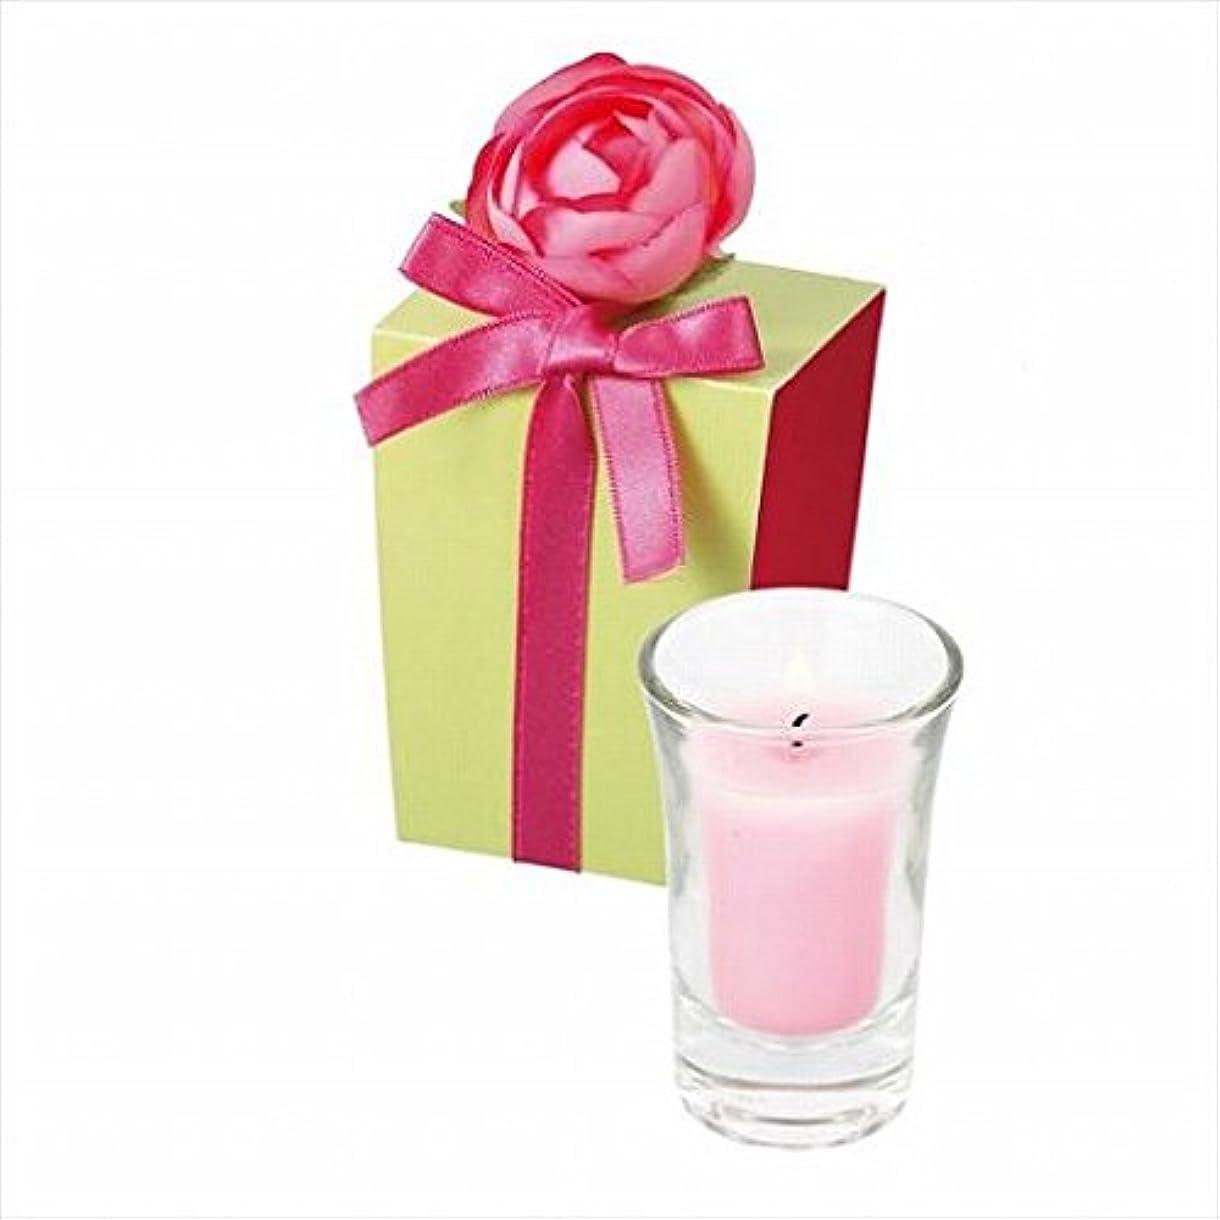 バタフライ種山kameyama candle(カメヤマキャンドル) ラナンキュラスグラスキャンドル 「 ピンク 」(A9390500PK)